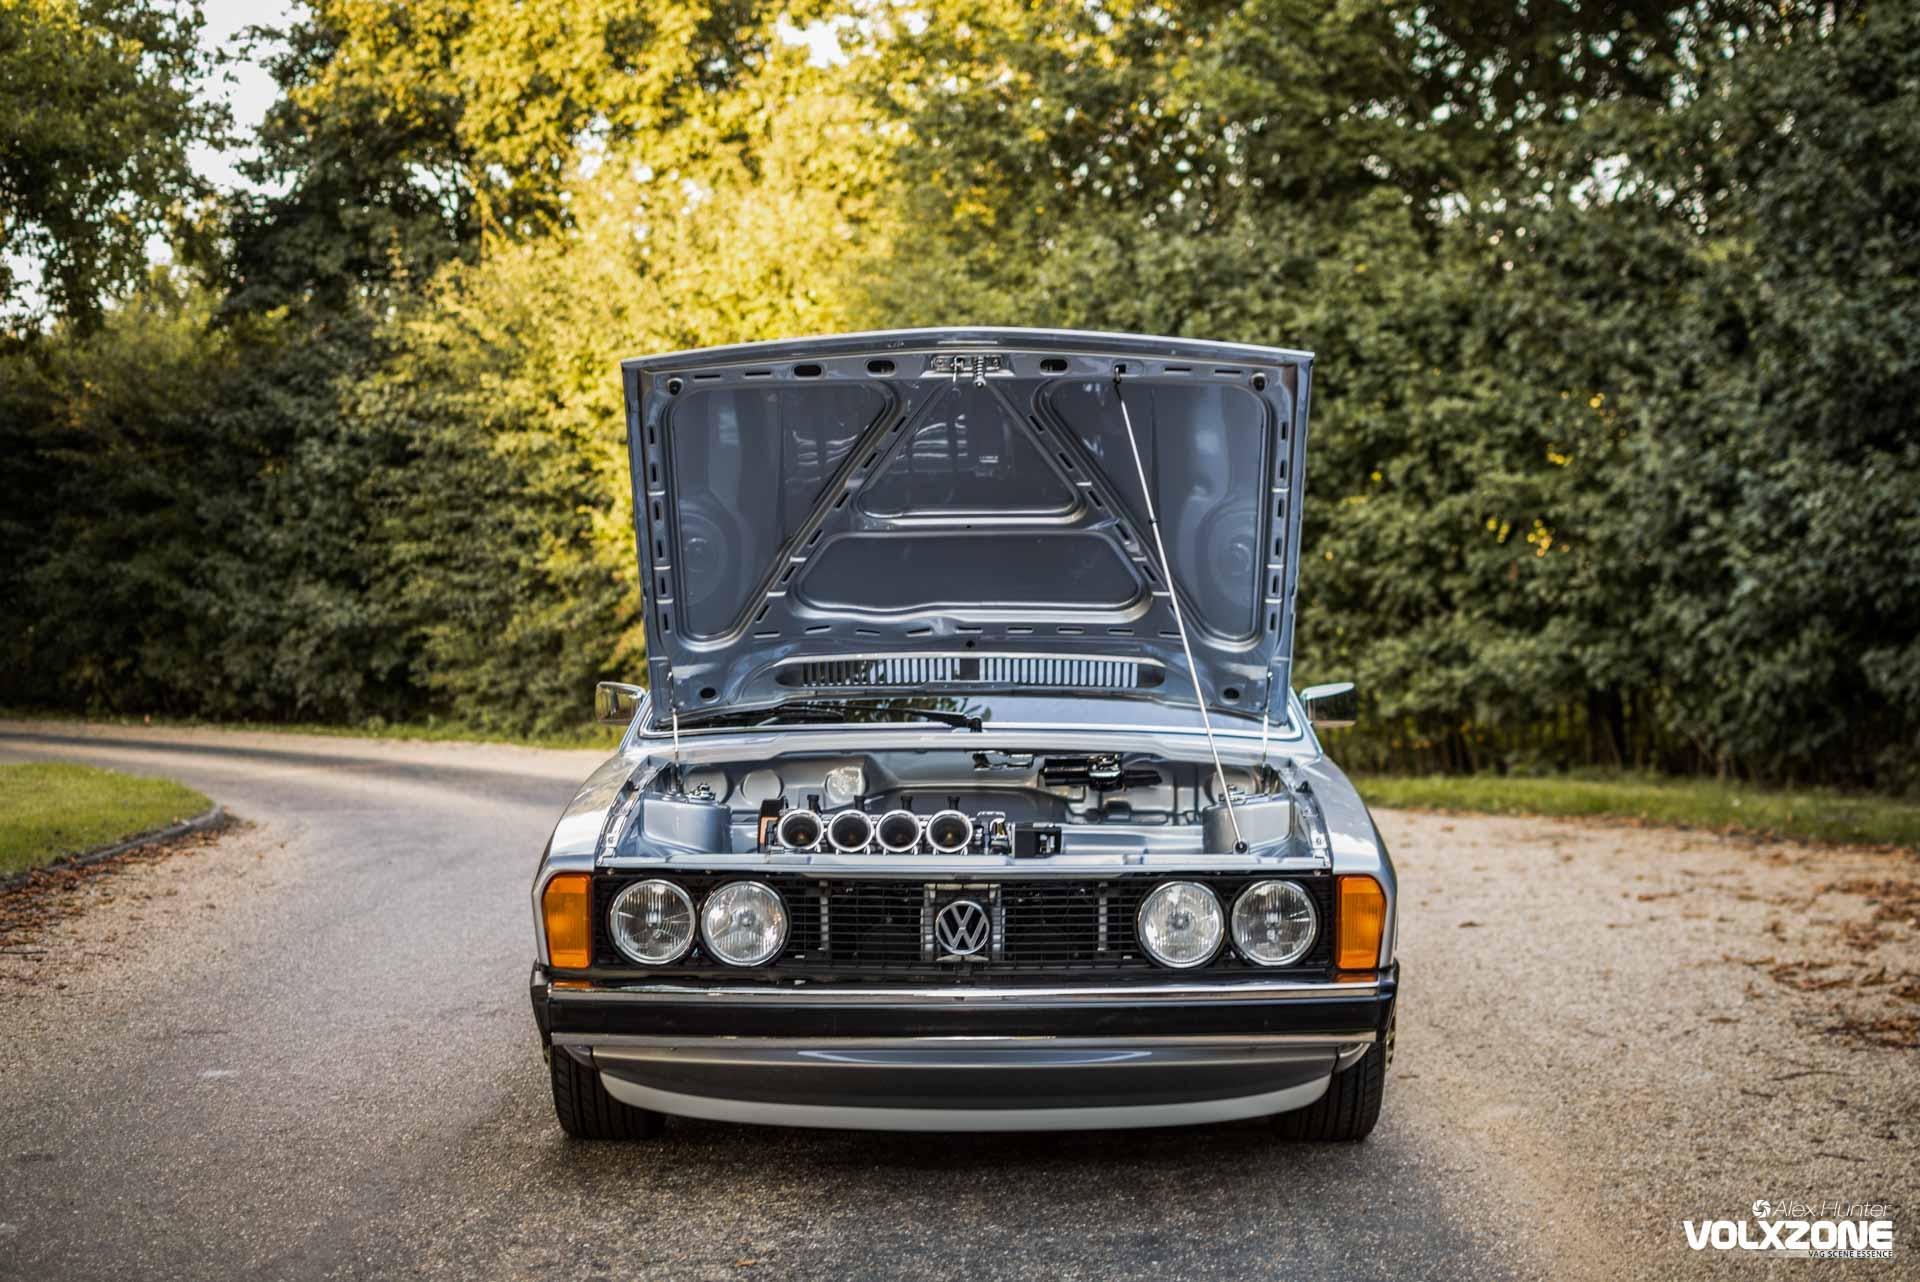 VW Scirocco MK1 2.0 16V ABF